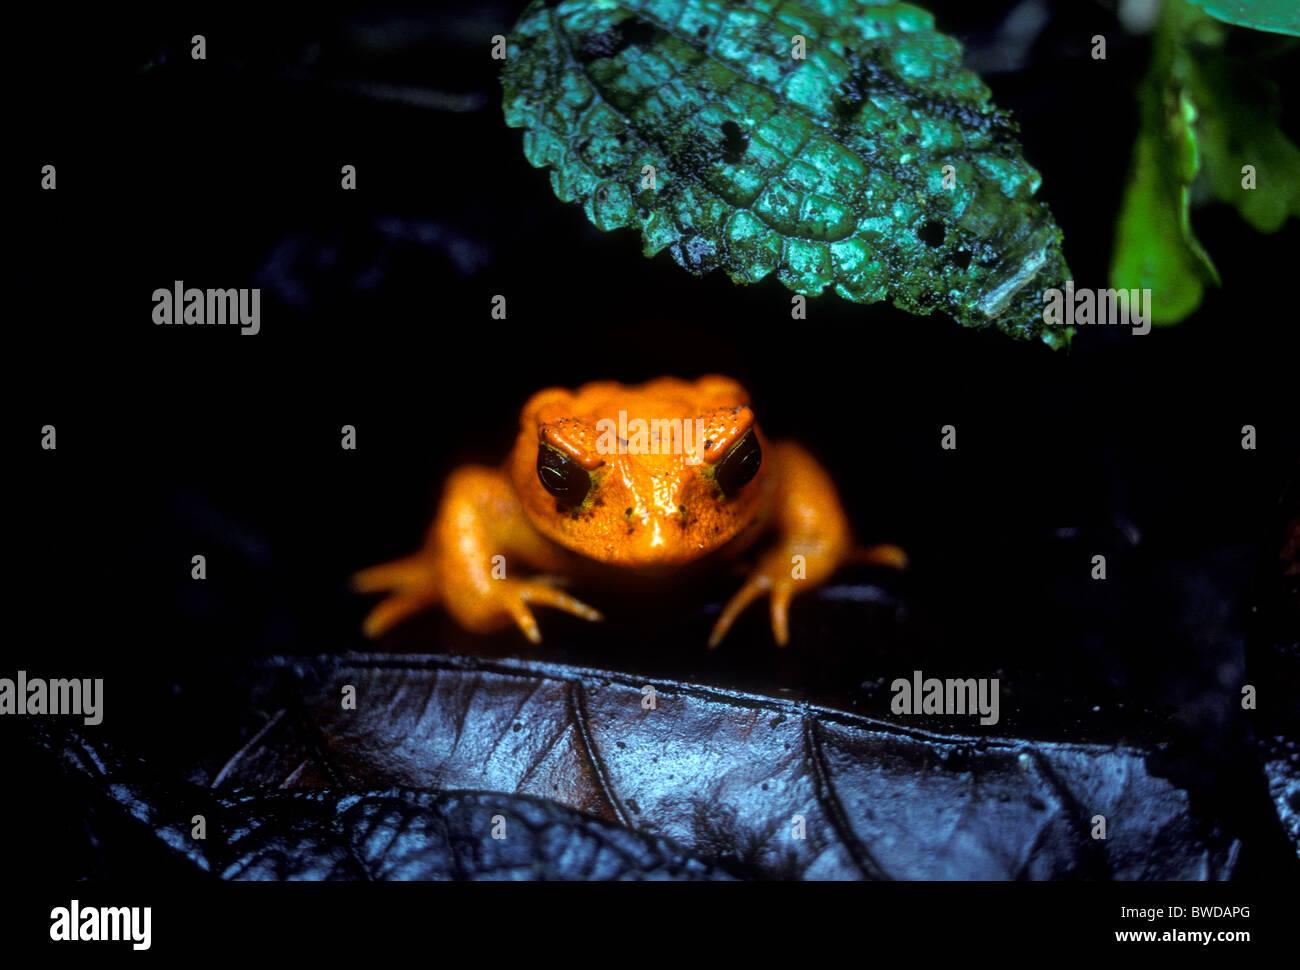 golden-toad-bufo-periglenes-in-monteverd